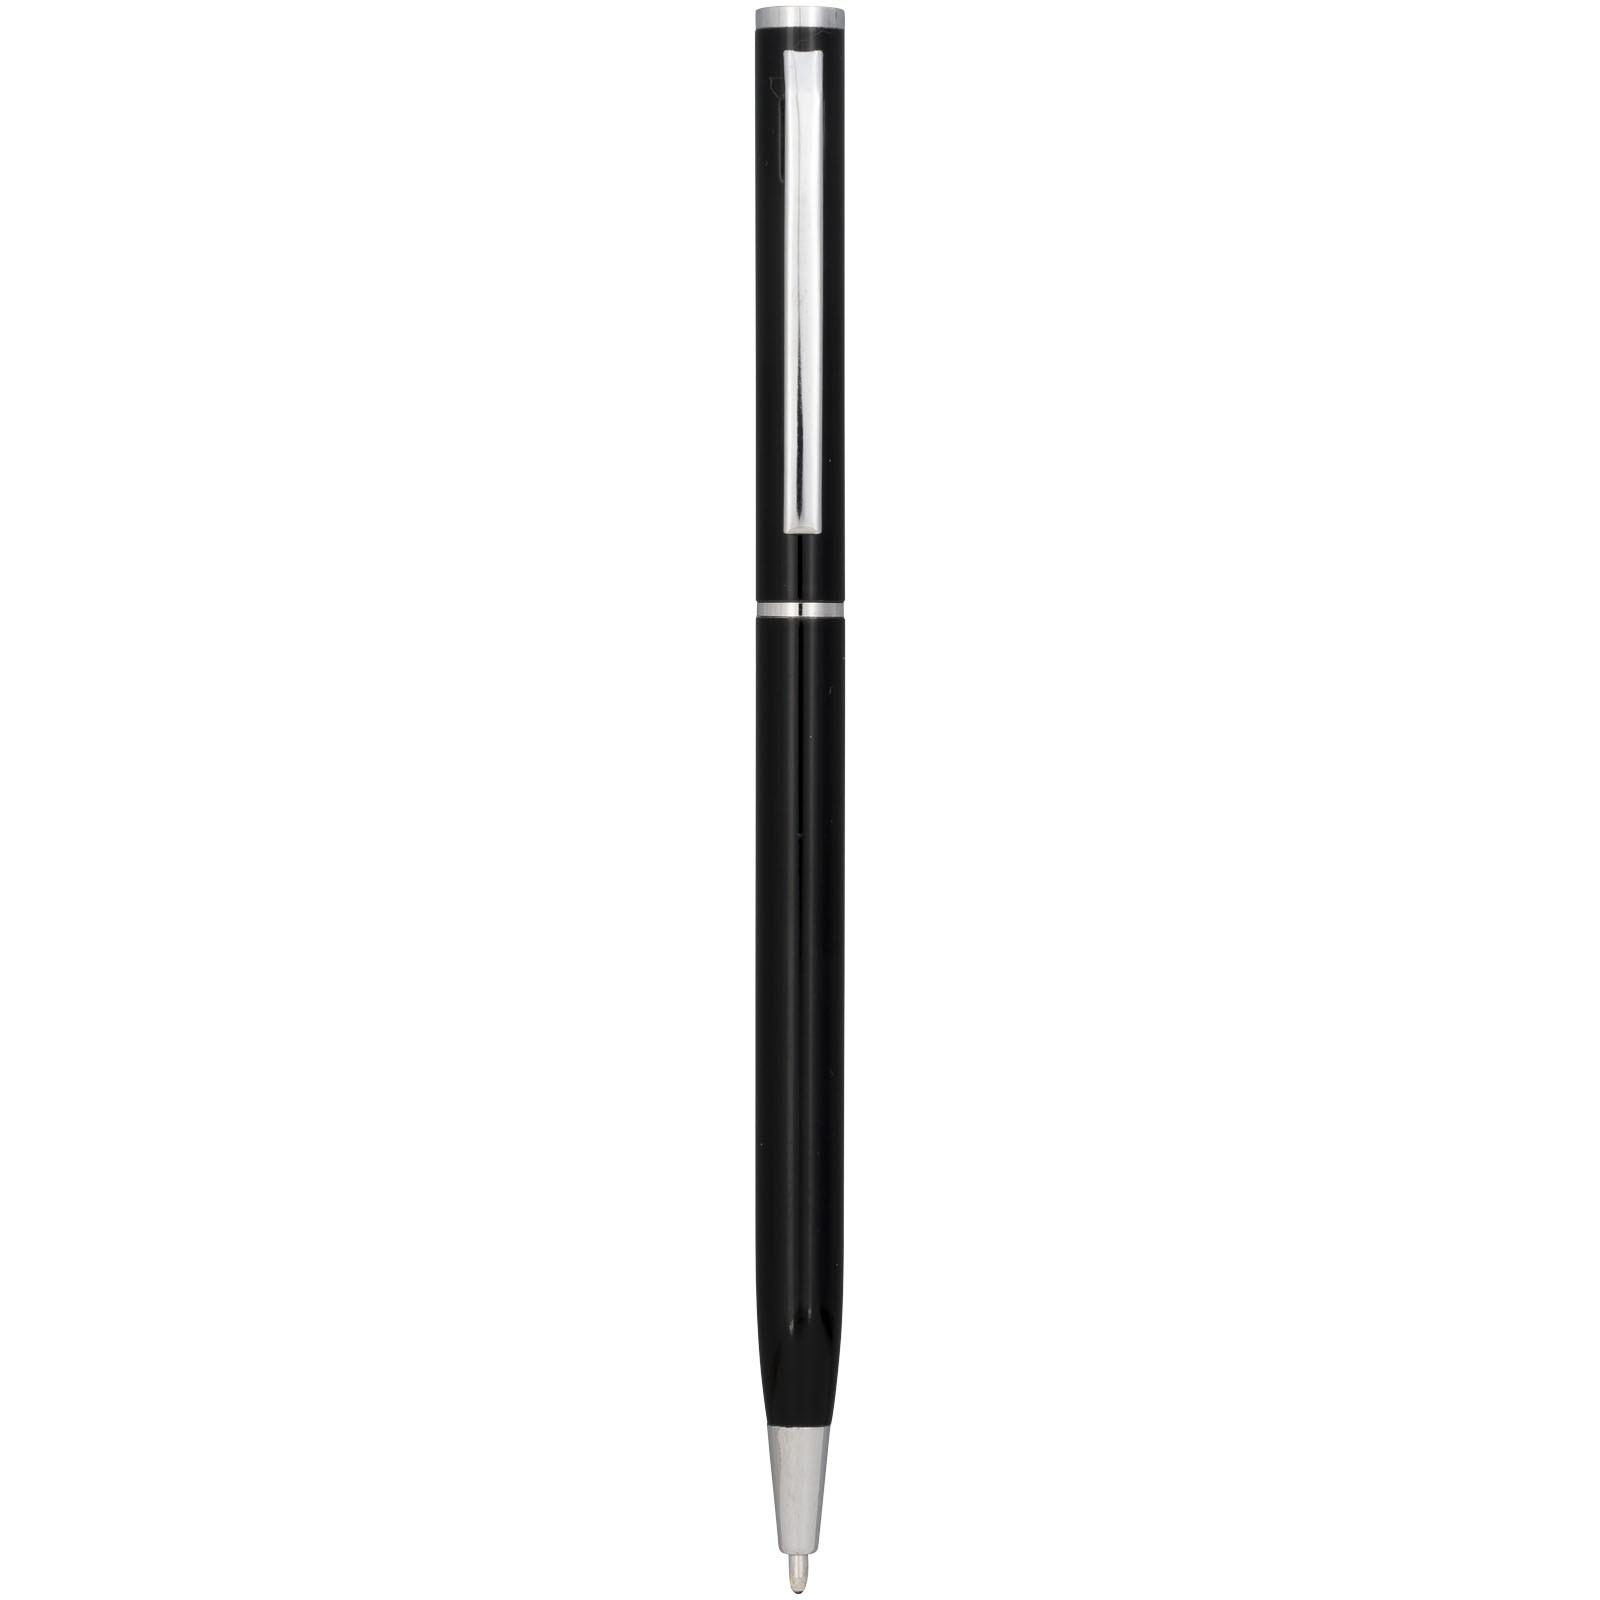 Hhliníkové kuličkové pero Slim - Černá